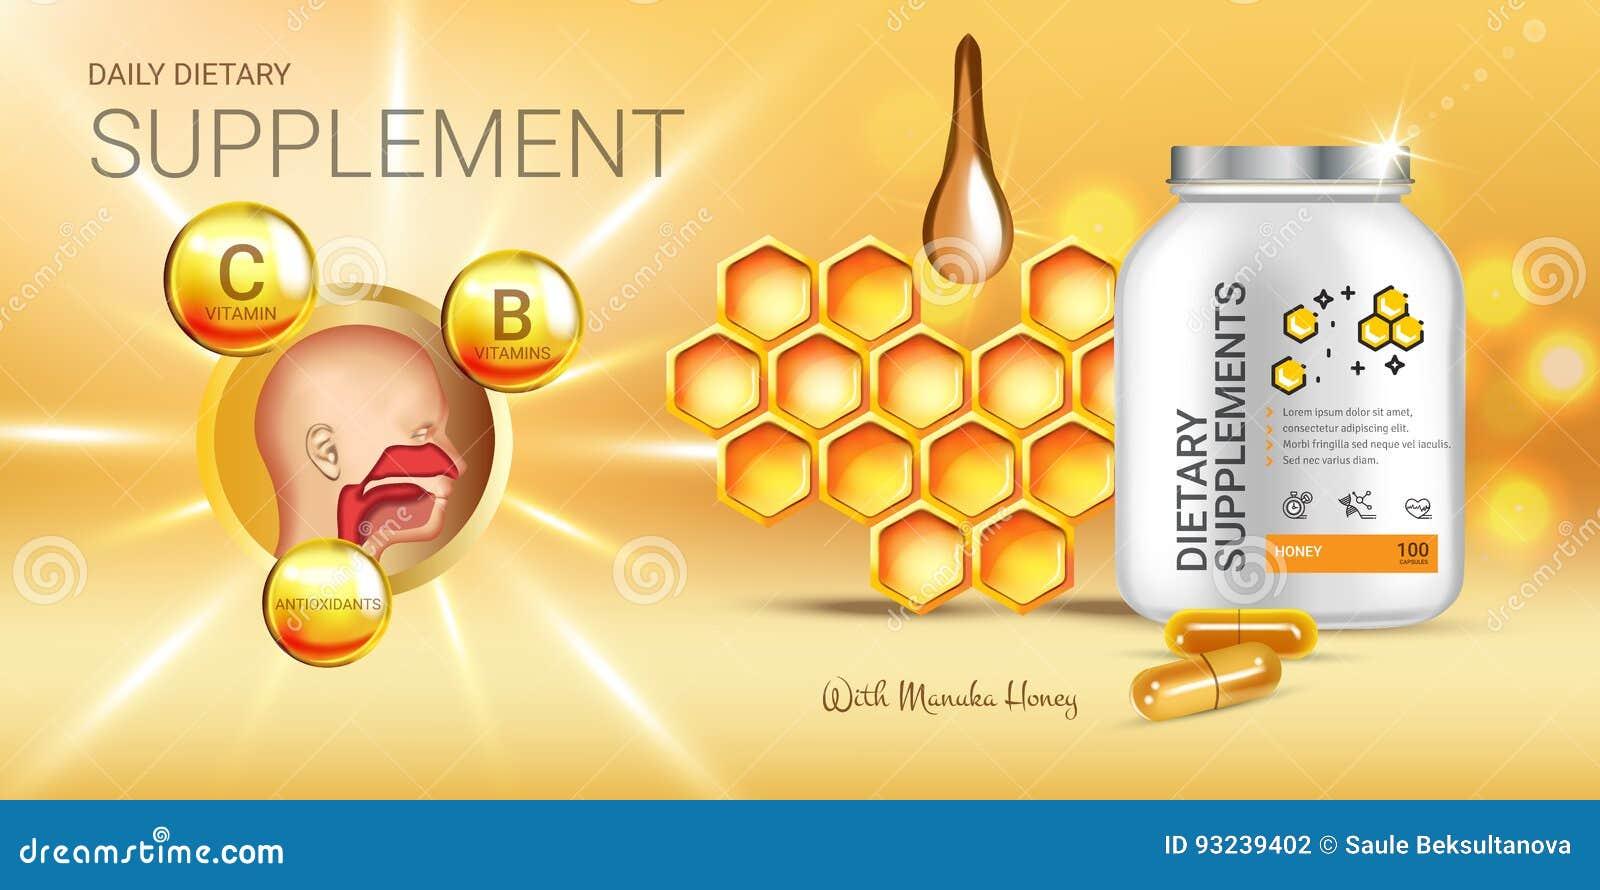 Annonces de supplément diététique de miel de Manuka Illustration de vecteur avec le supplément de miel contenu dans des éléments